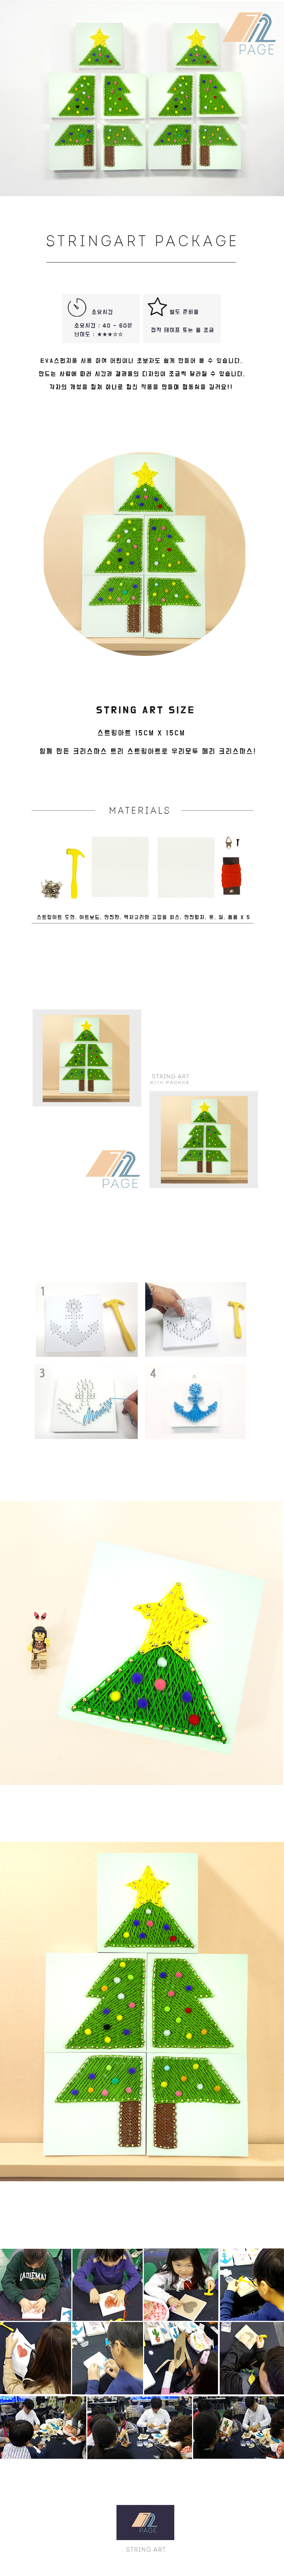 꼬마 합동 트리 스트링아트 만들기 패키지 DIY (5인용) - 72페이지, 40,000원, 트리, 미니트리